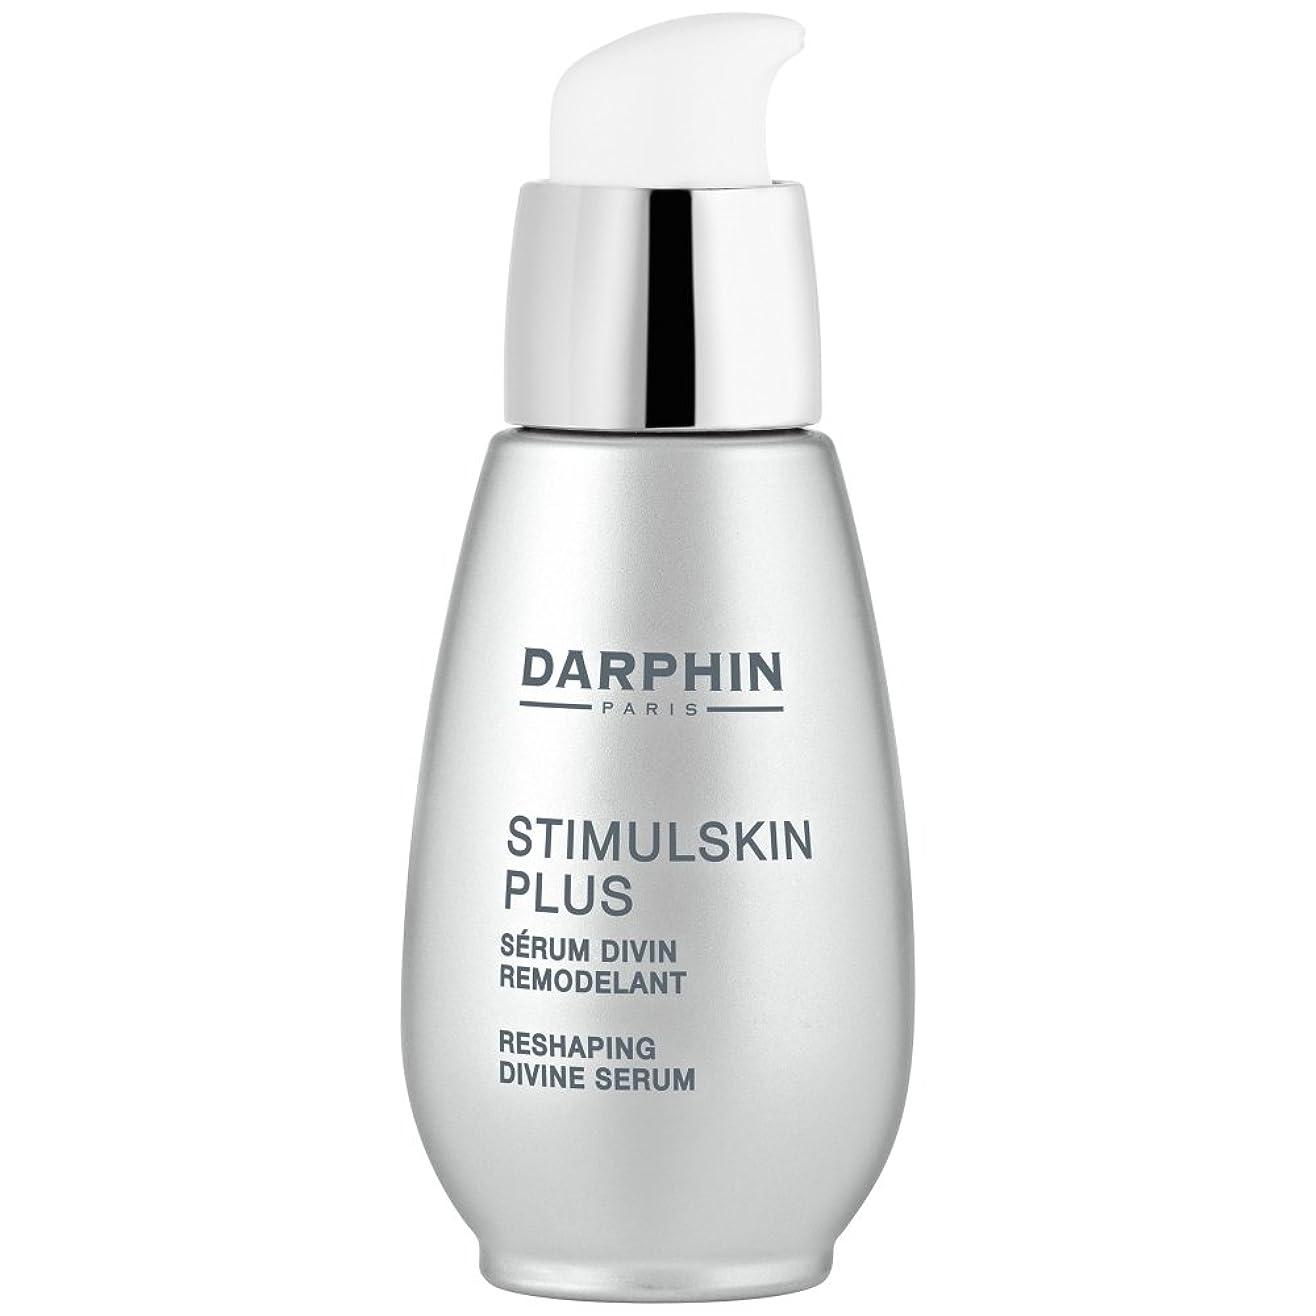 しがみつく不和契約するダルファンスティプラス神整形血清15ミリリットル (Darphin) - Darphin Stimulskin Plus Divine Reshaping Serum 15ml [並行輸入品]